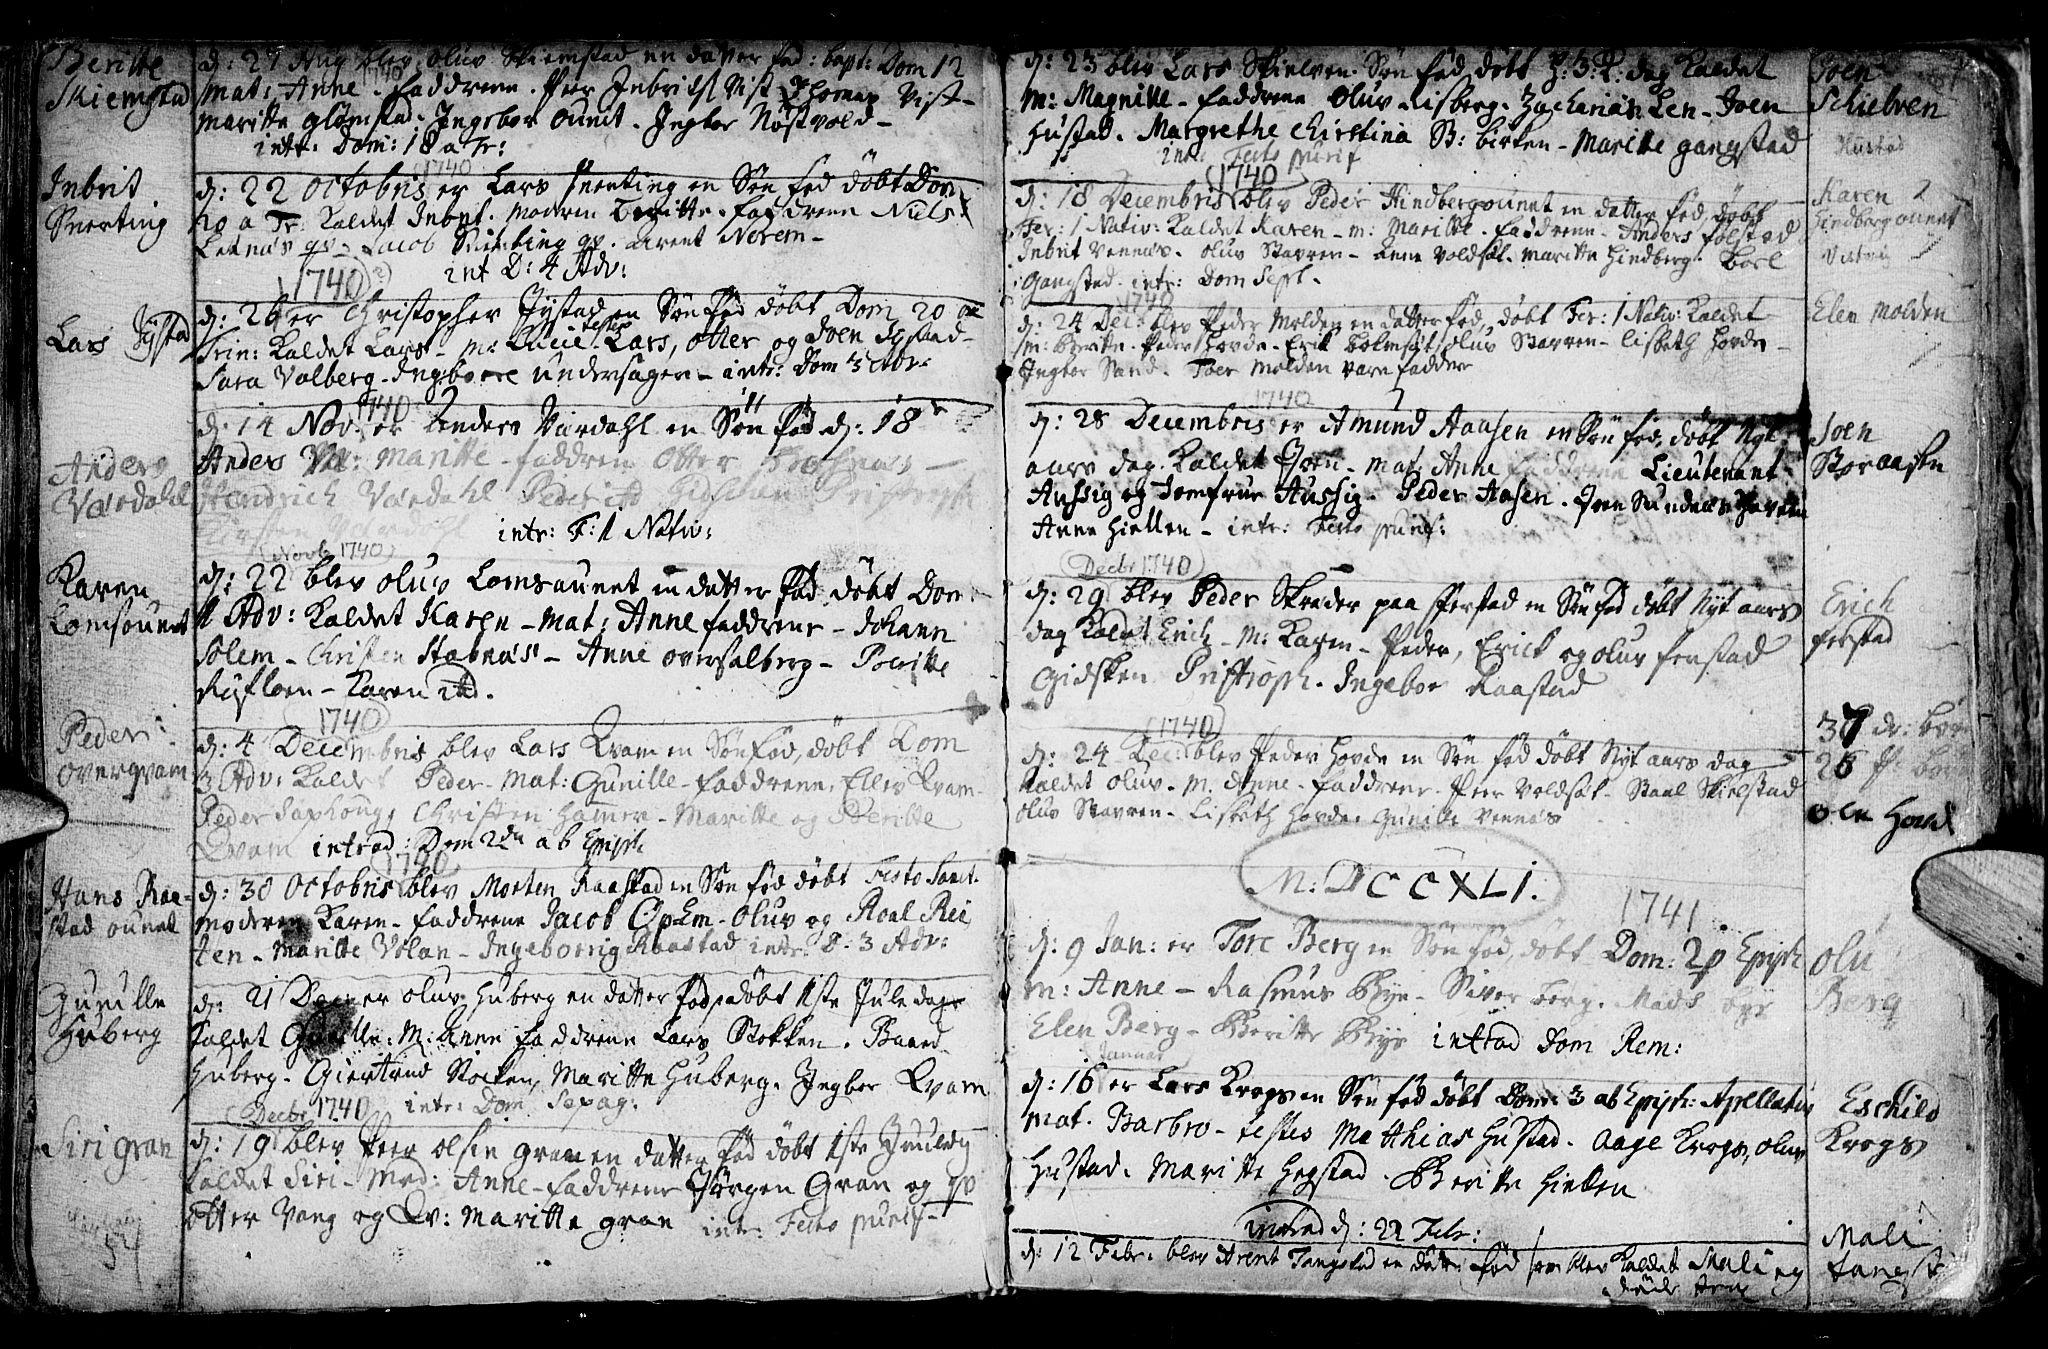 SAT, Ministerialprotokoller, klokkerbøker og fødselsregistre - Nord-Trøndelag, 730/L0272: Ministerialbok nr. 730A01, 1733-1764, s. 61